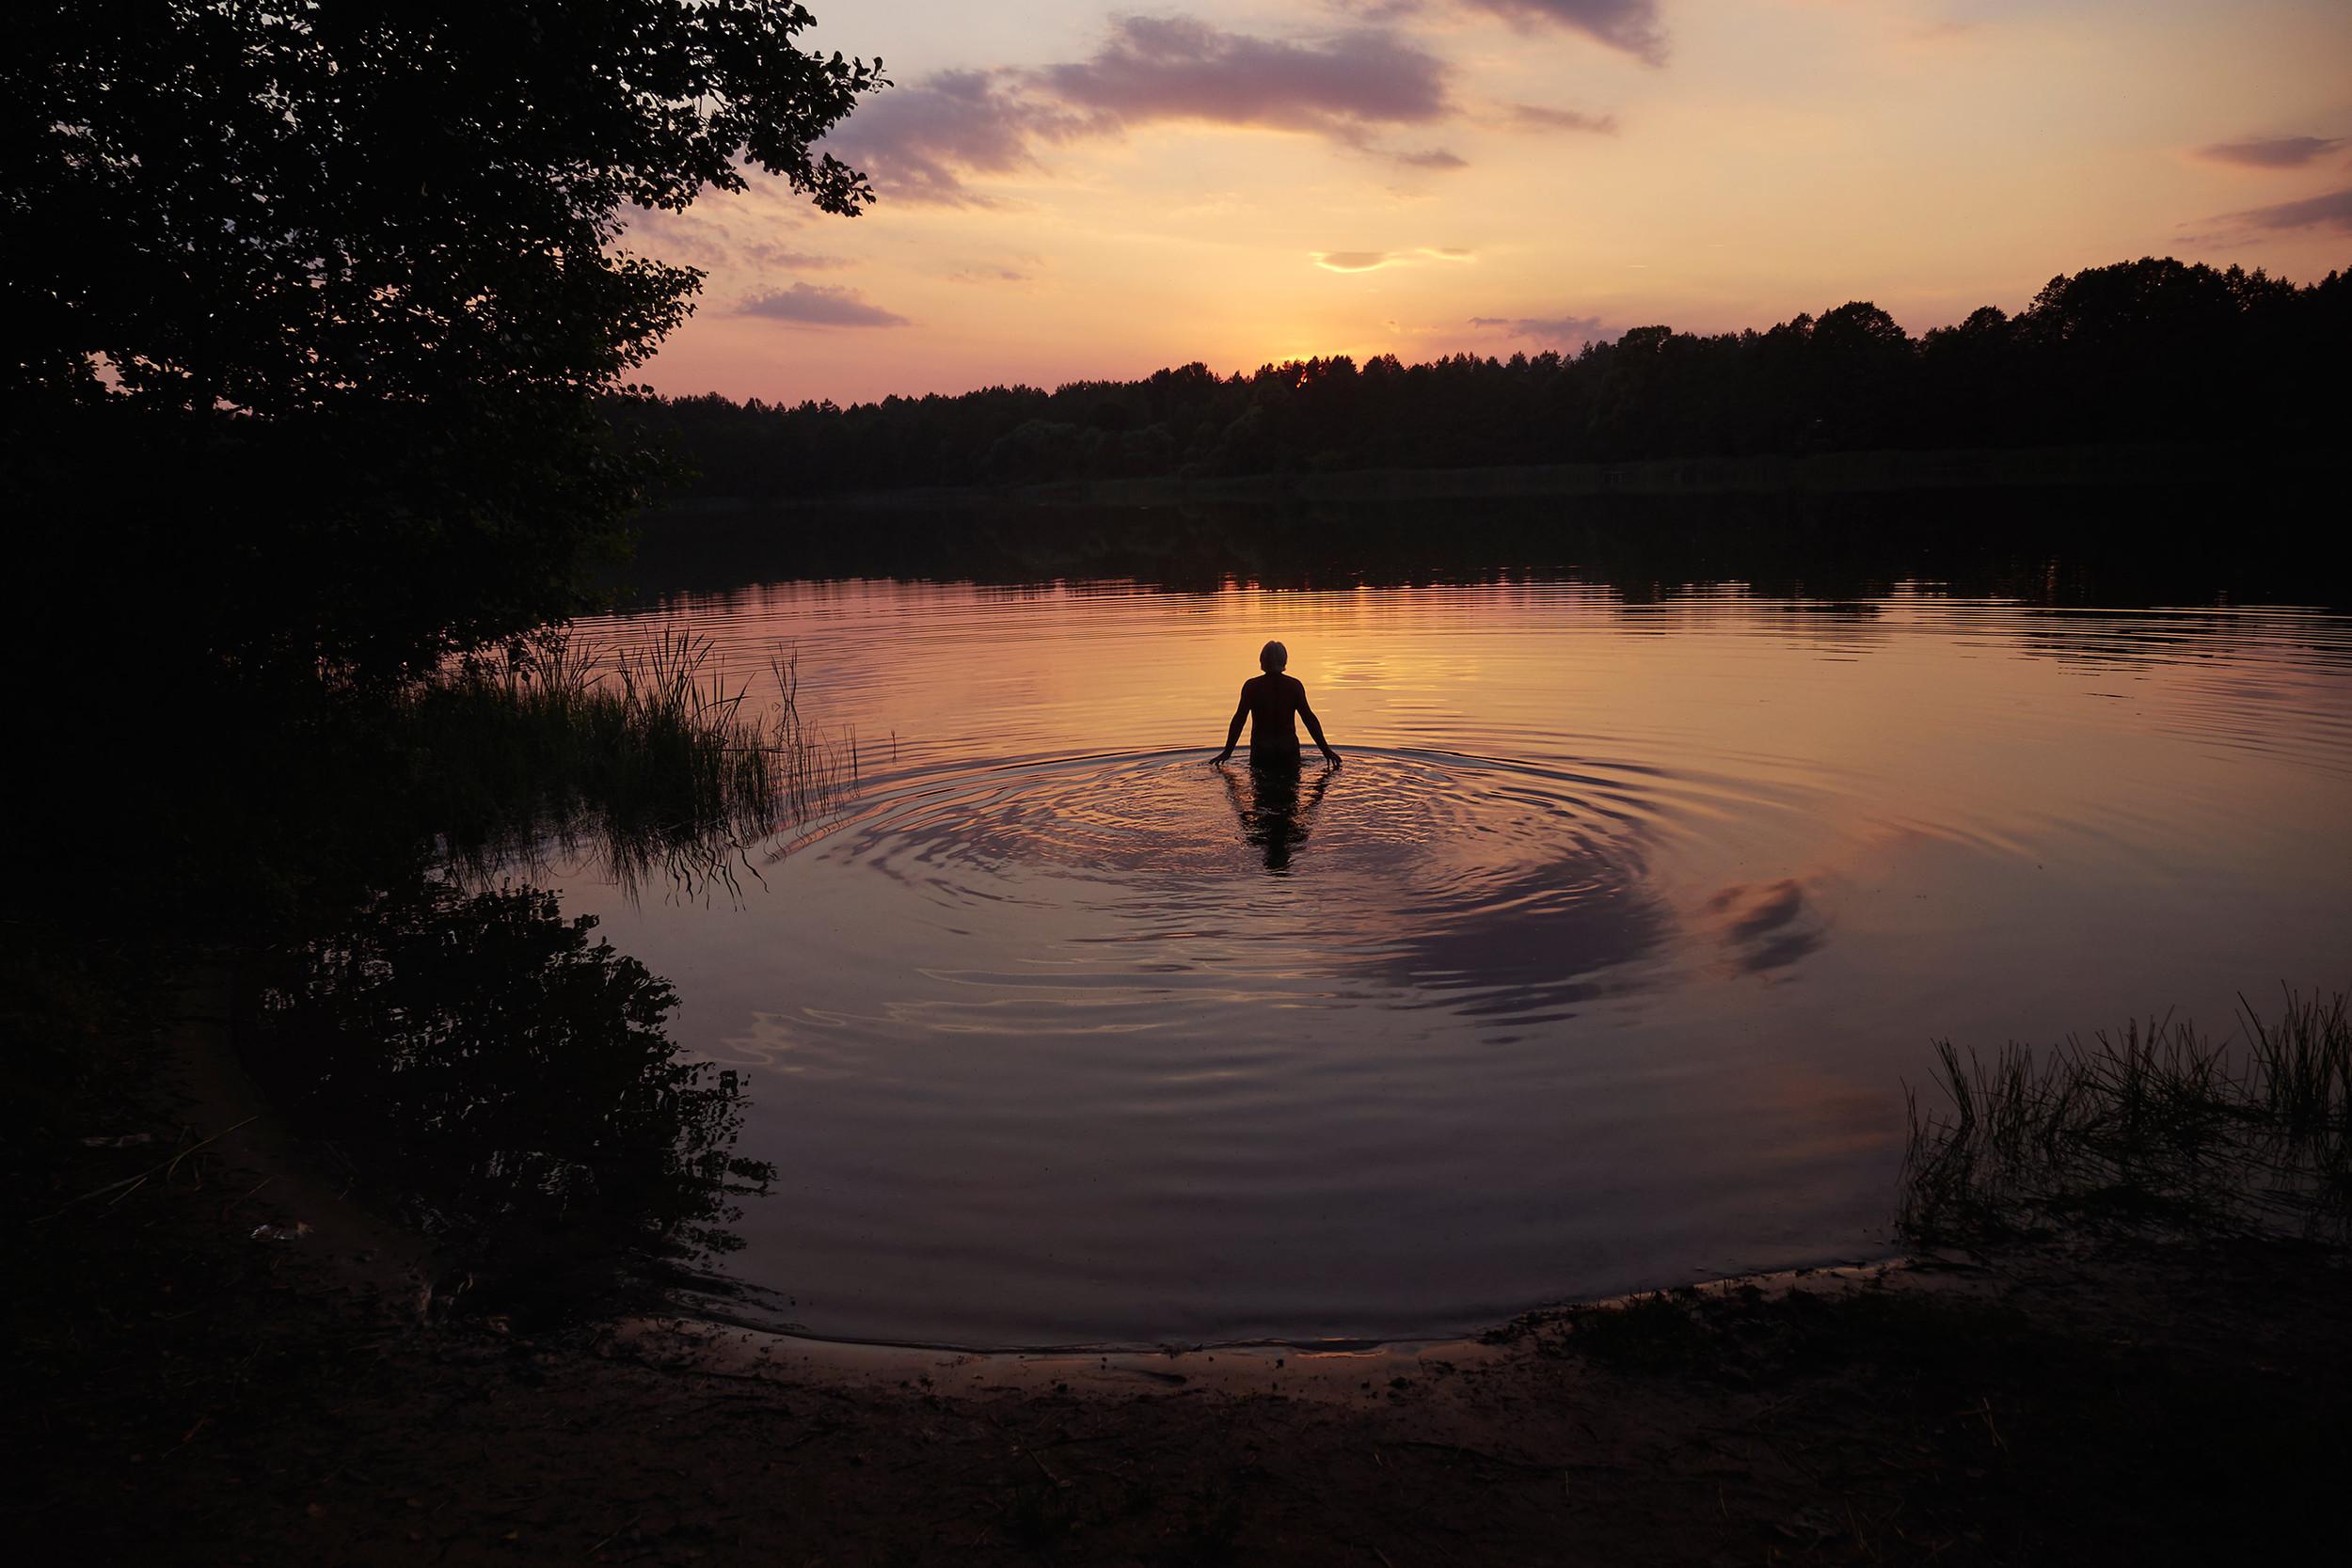 Man walks into a lake in Belarus